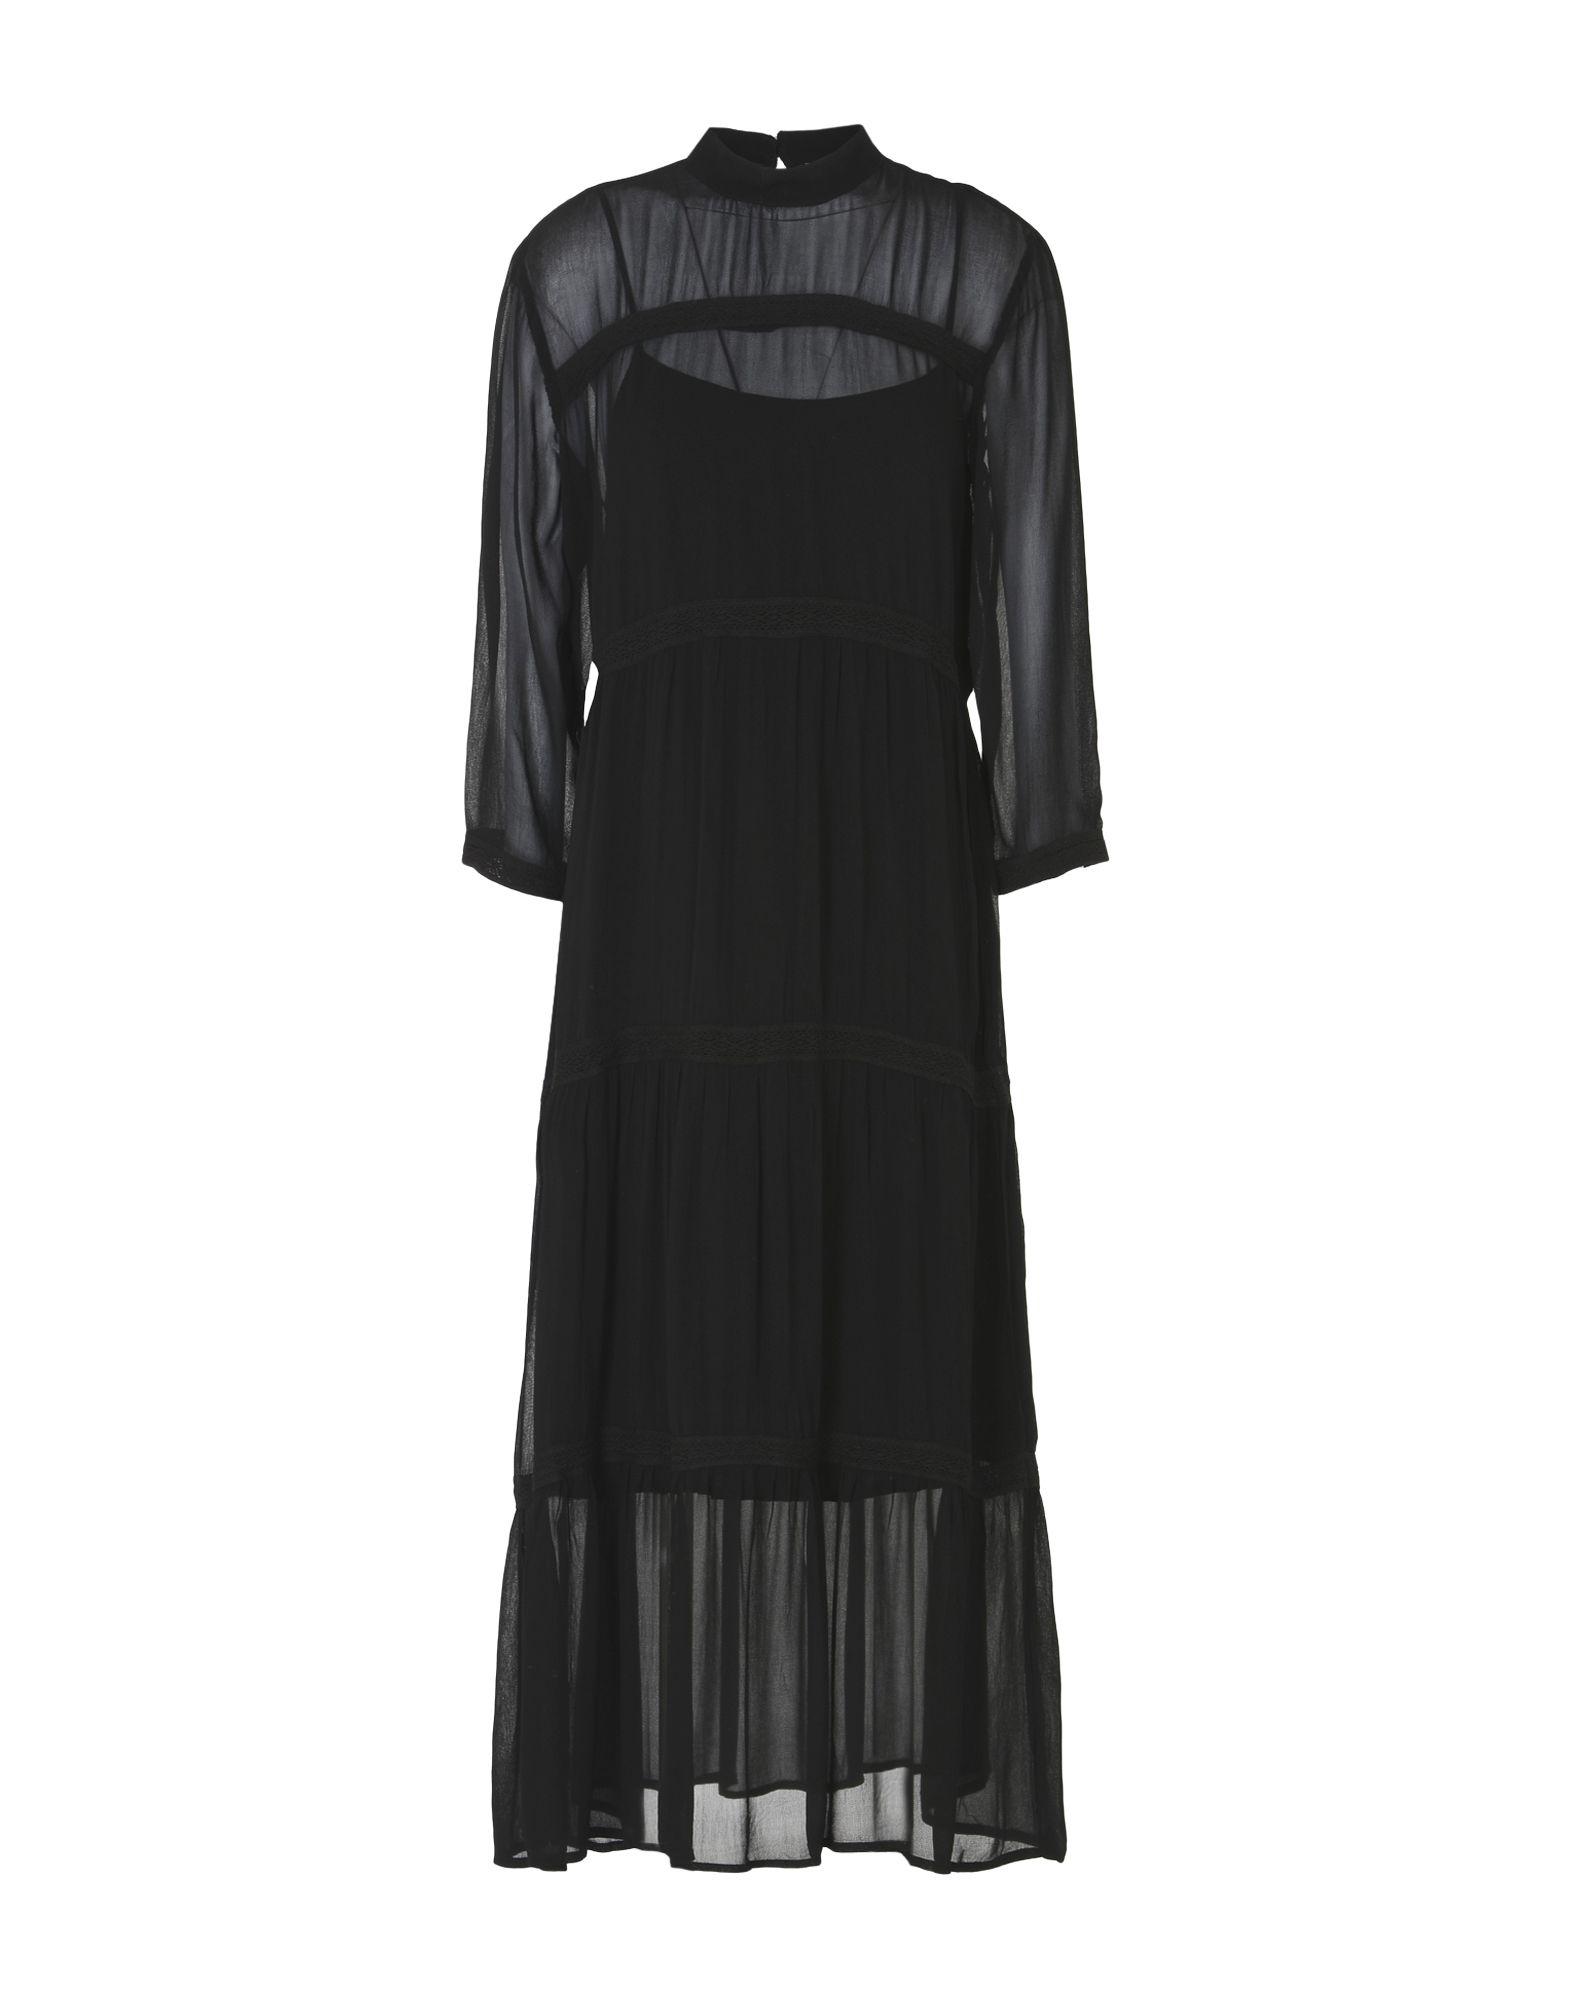 MBYM Midi Dress in Black